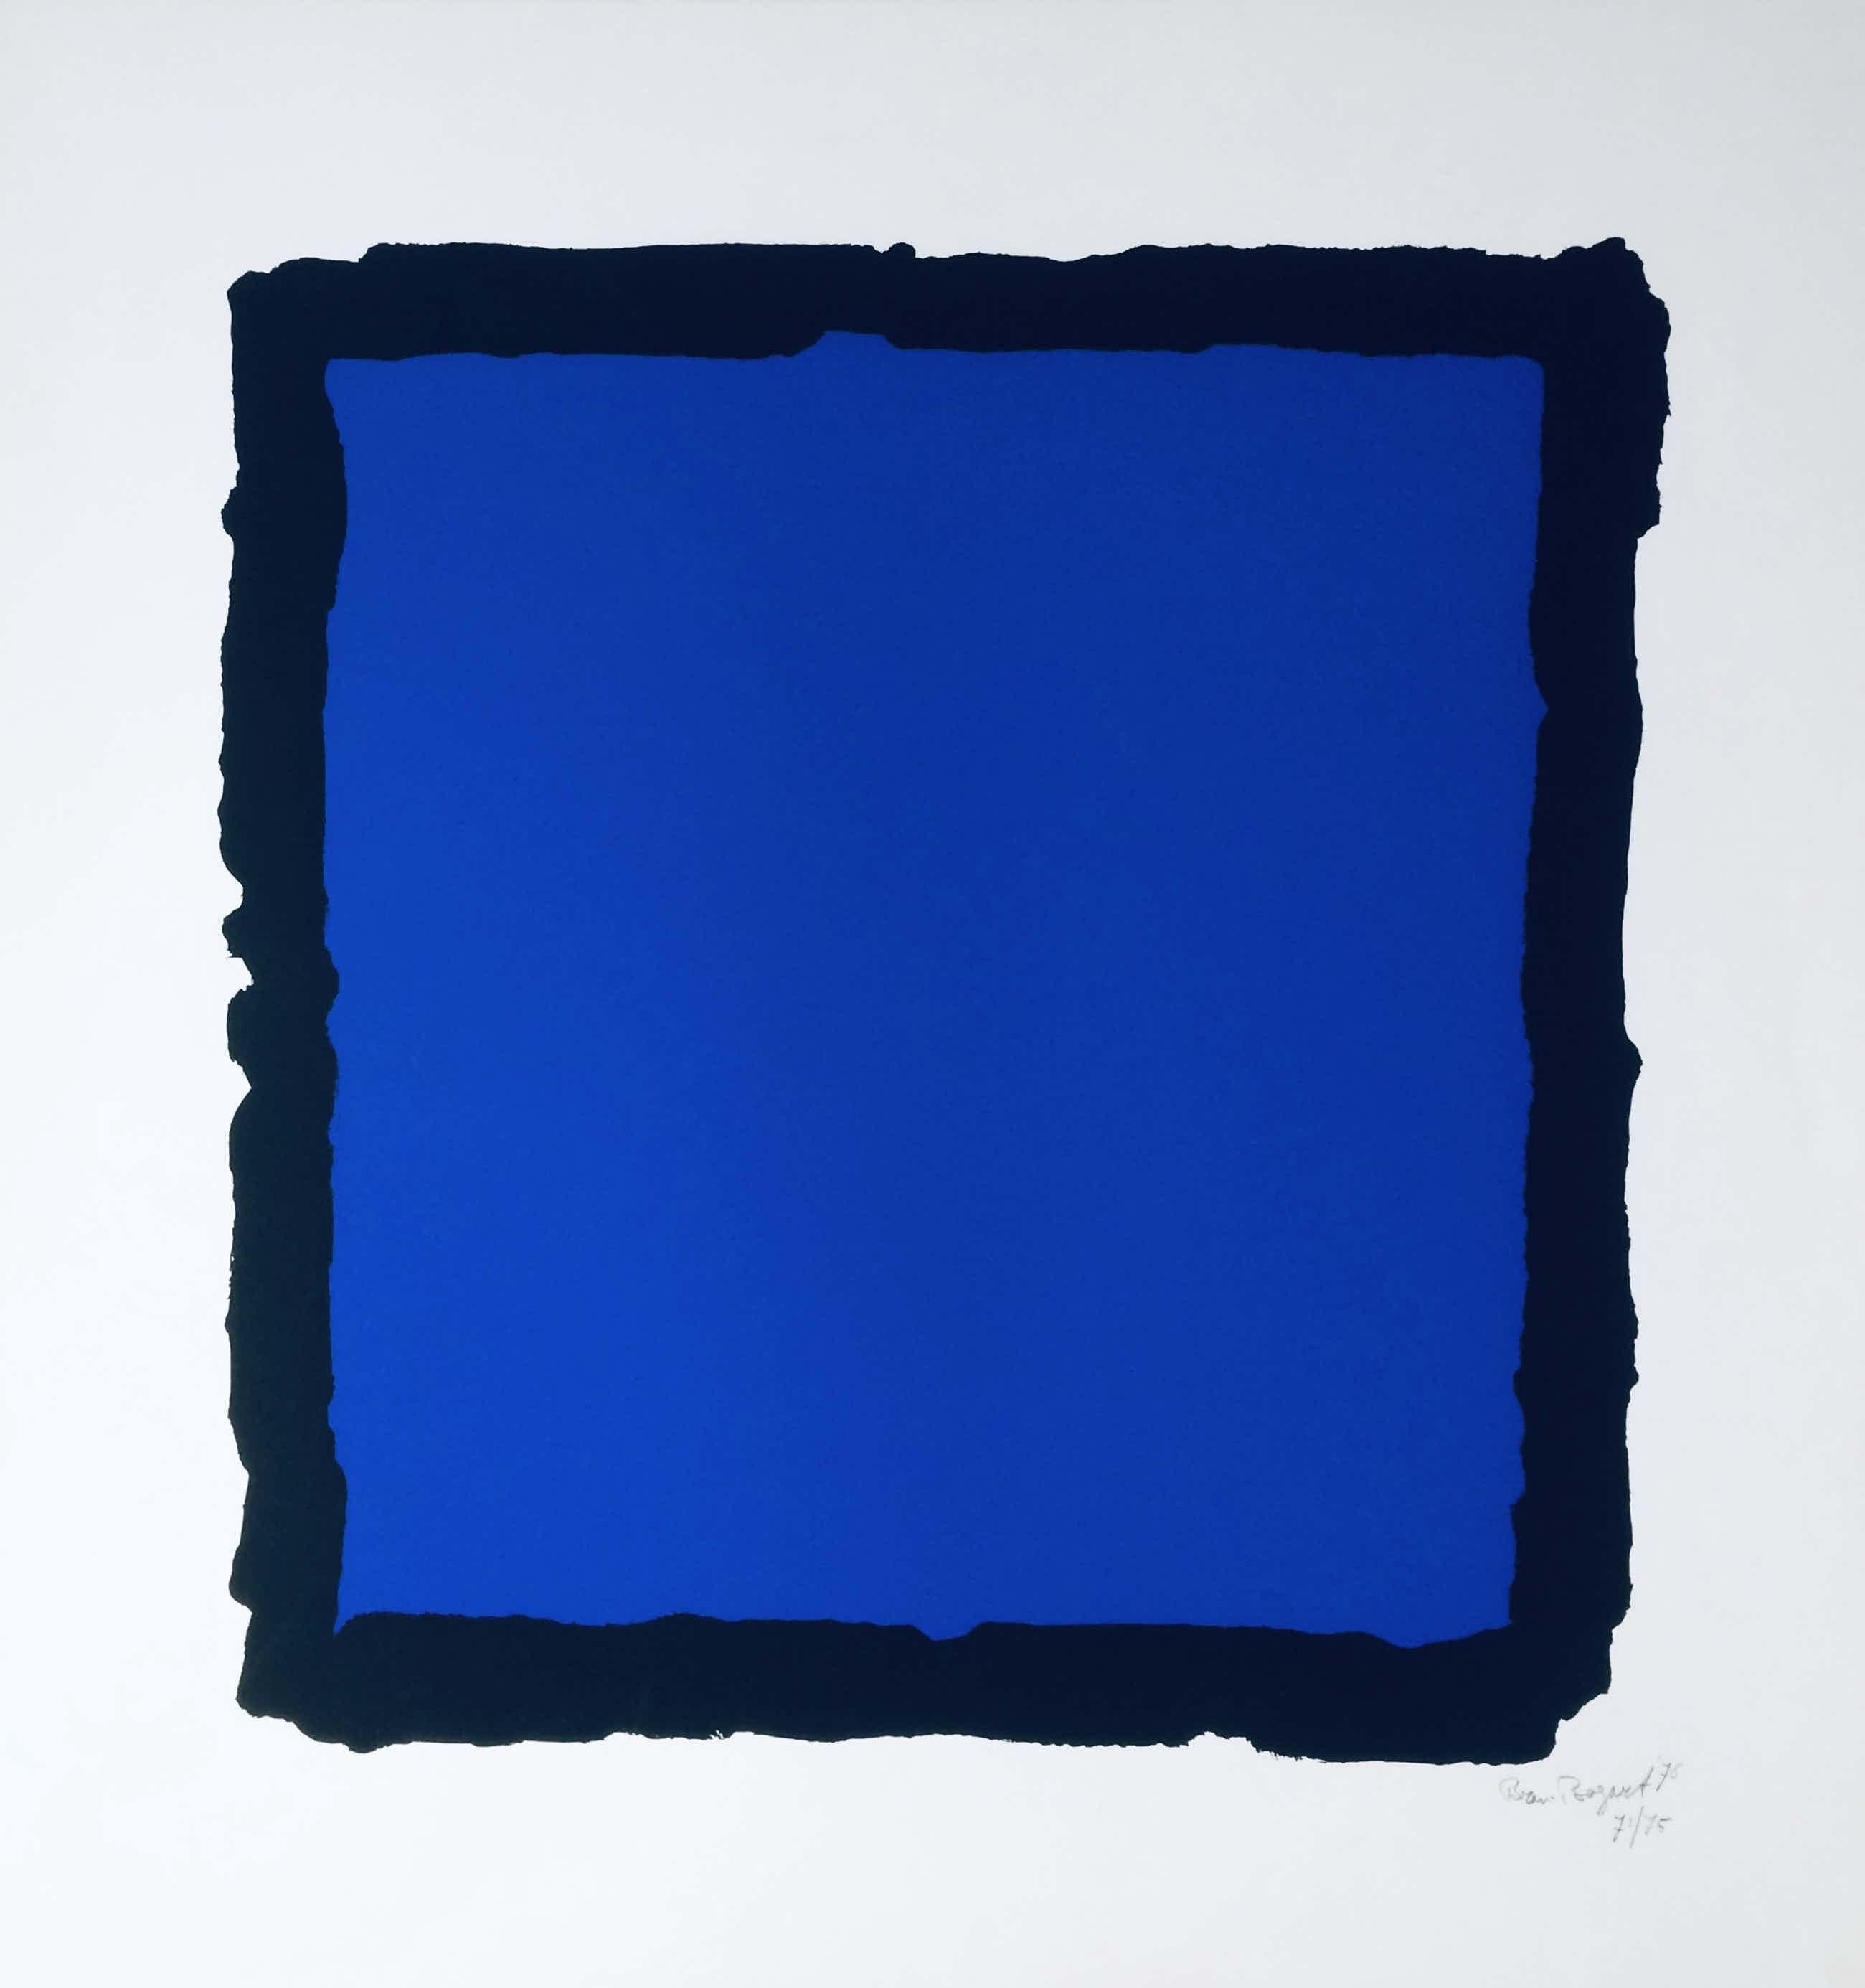 Bram Bogart - compositie in zwart en blauw kopen? Bied vanaf 700!